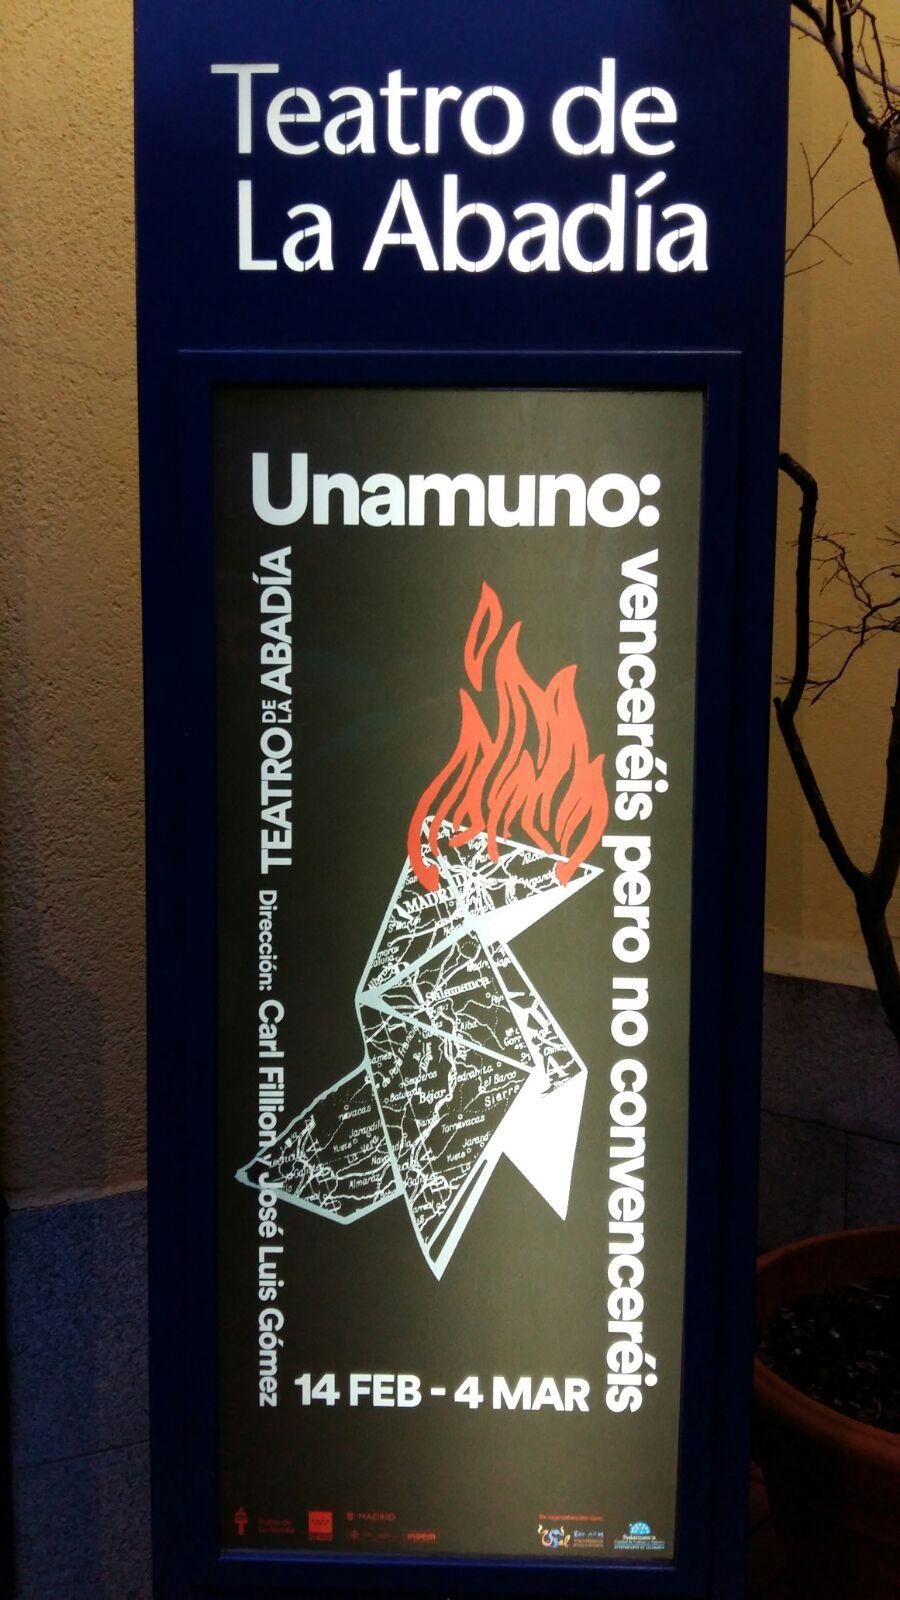 Unamuno: venceréis pero no convenceréis. José Luis Gómez a partir de textos de Miguel de Unamuno.